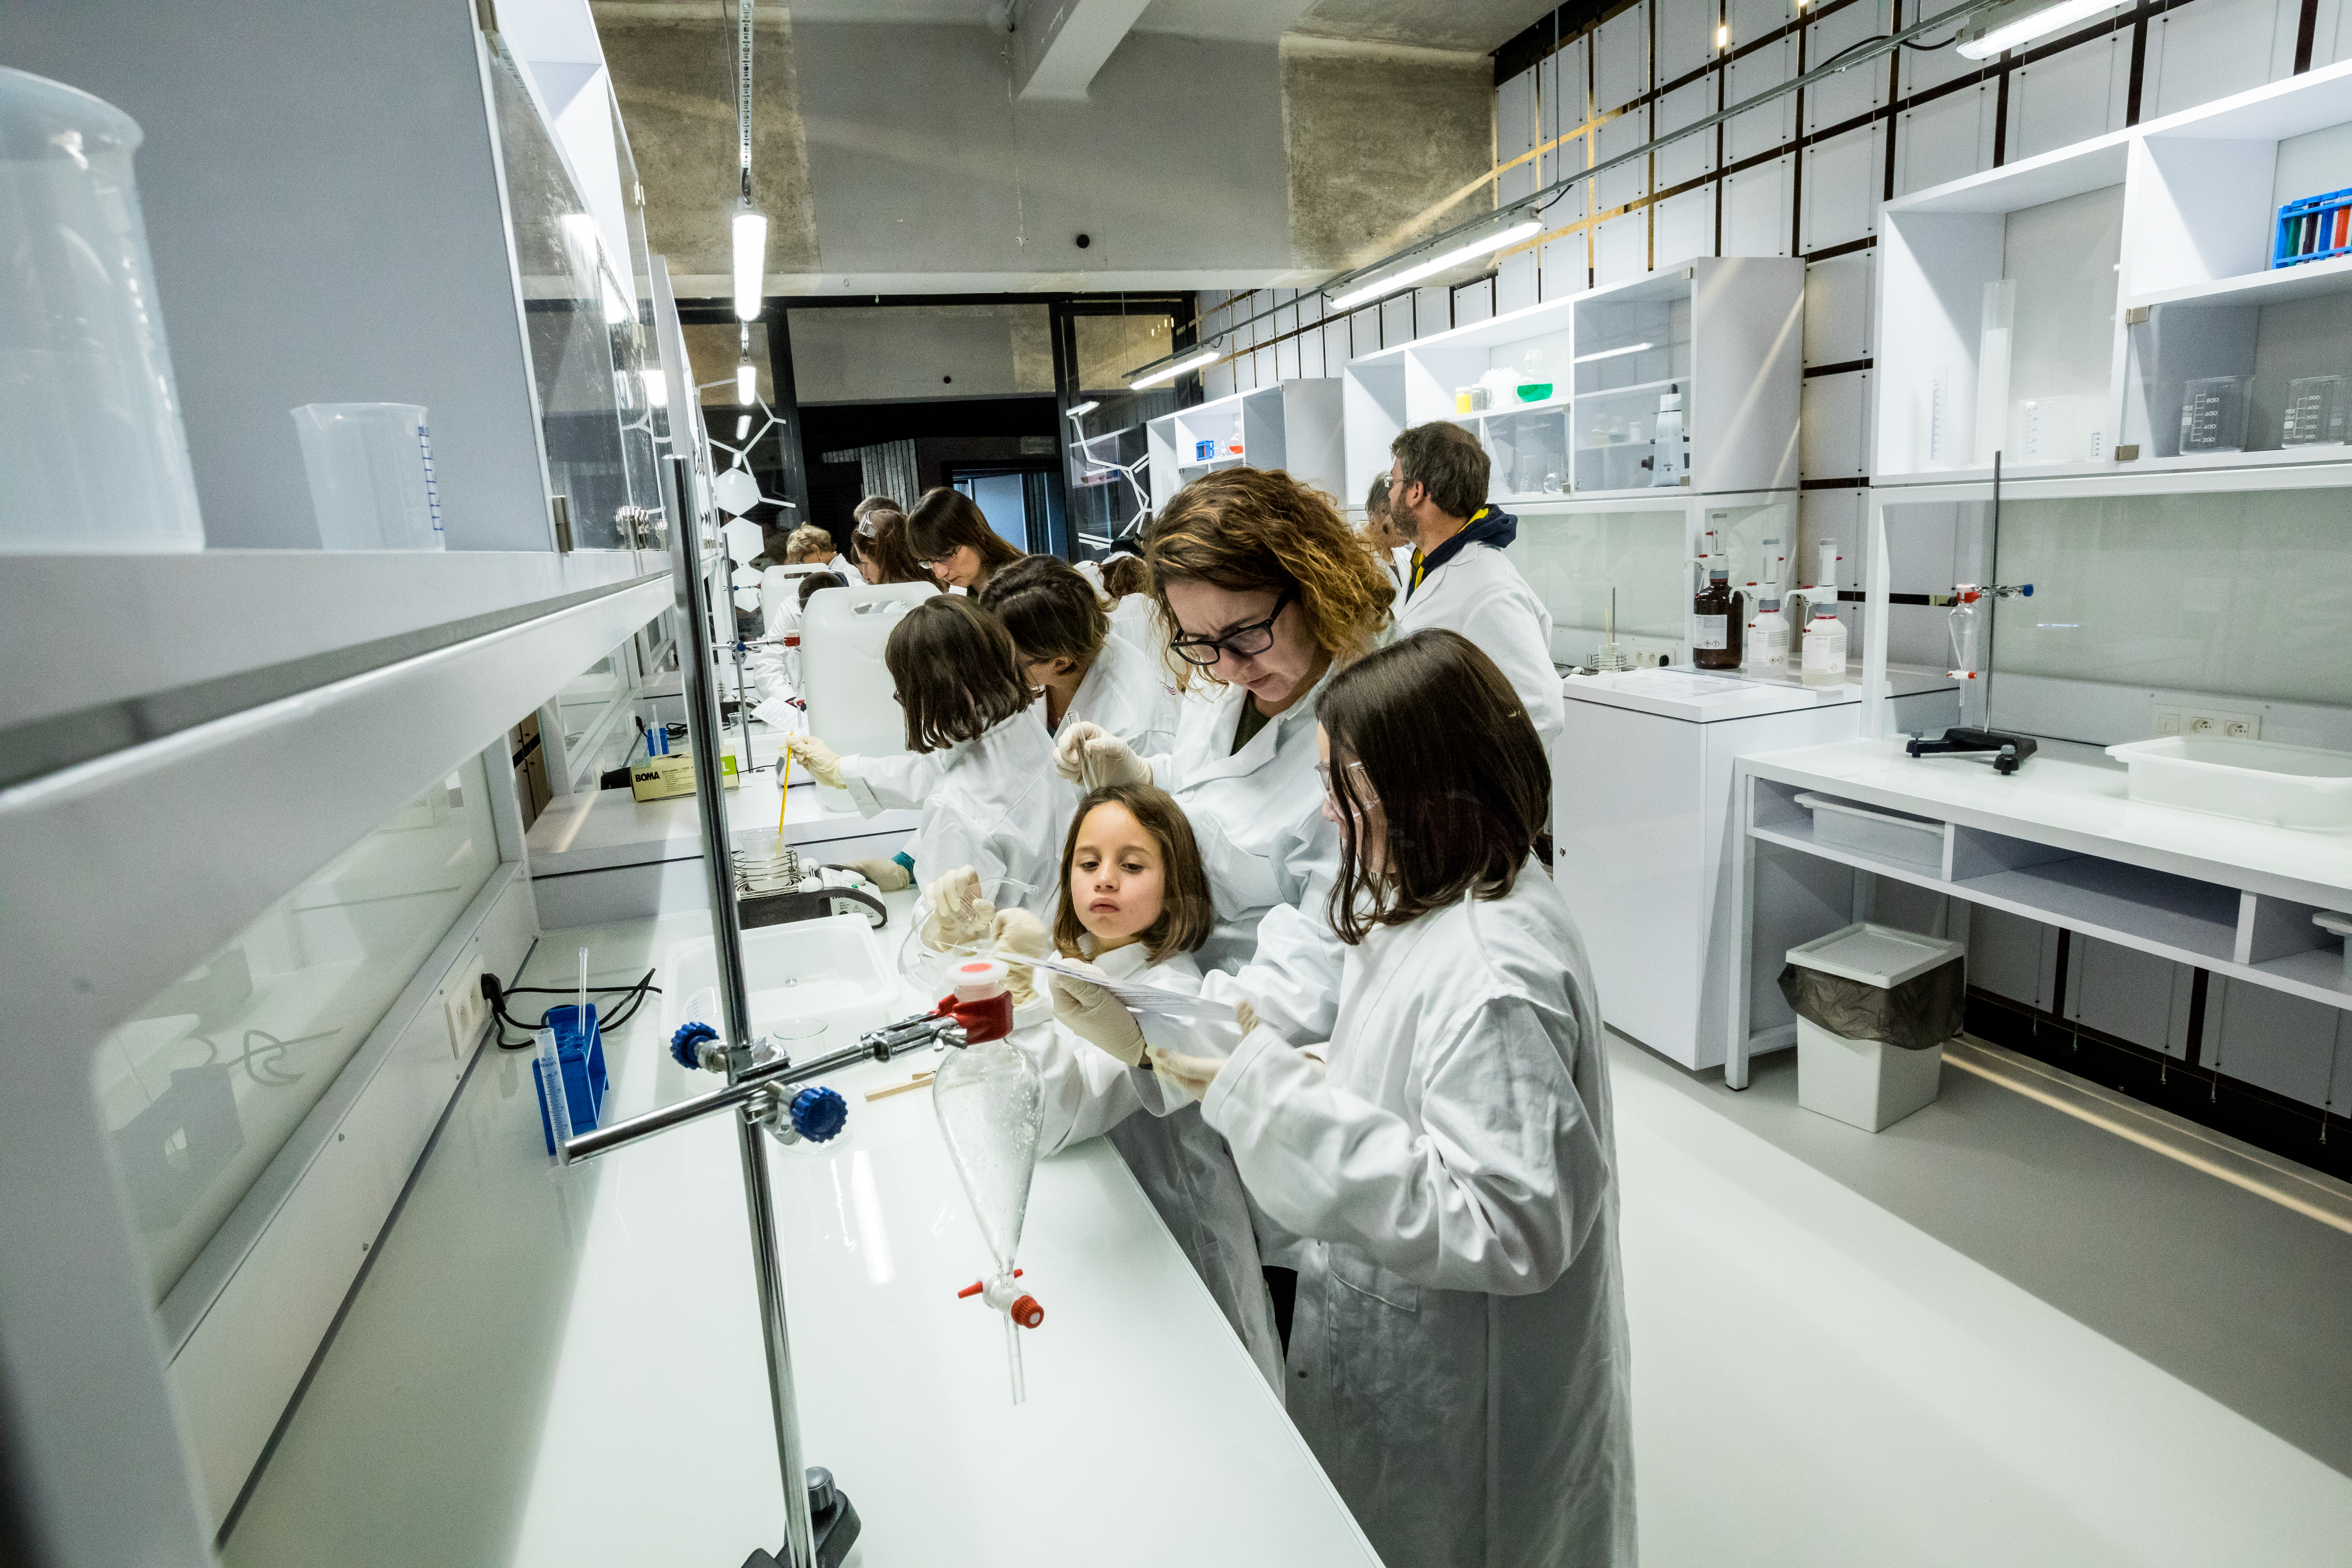 Des enfants, accompagnés d'adultes, réalisent des expériences dans le labo du Pass à Frameries